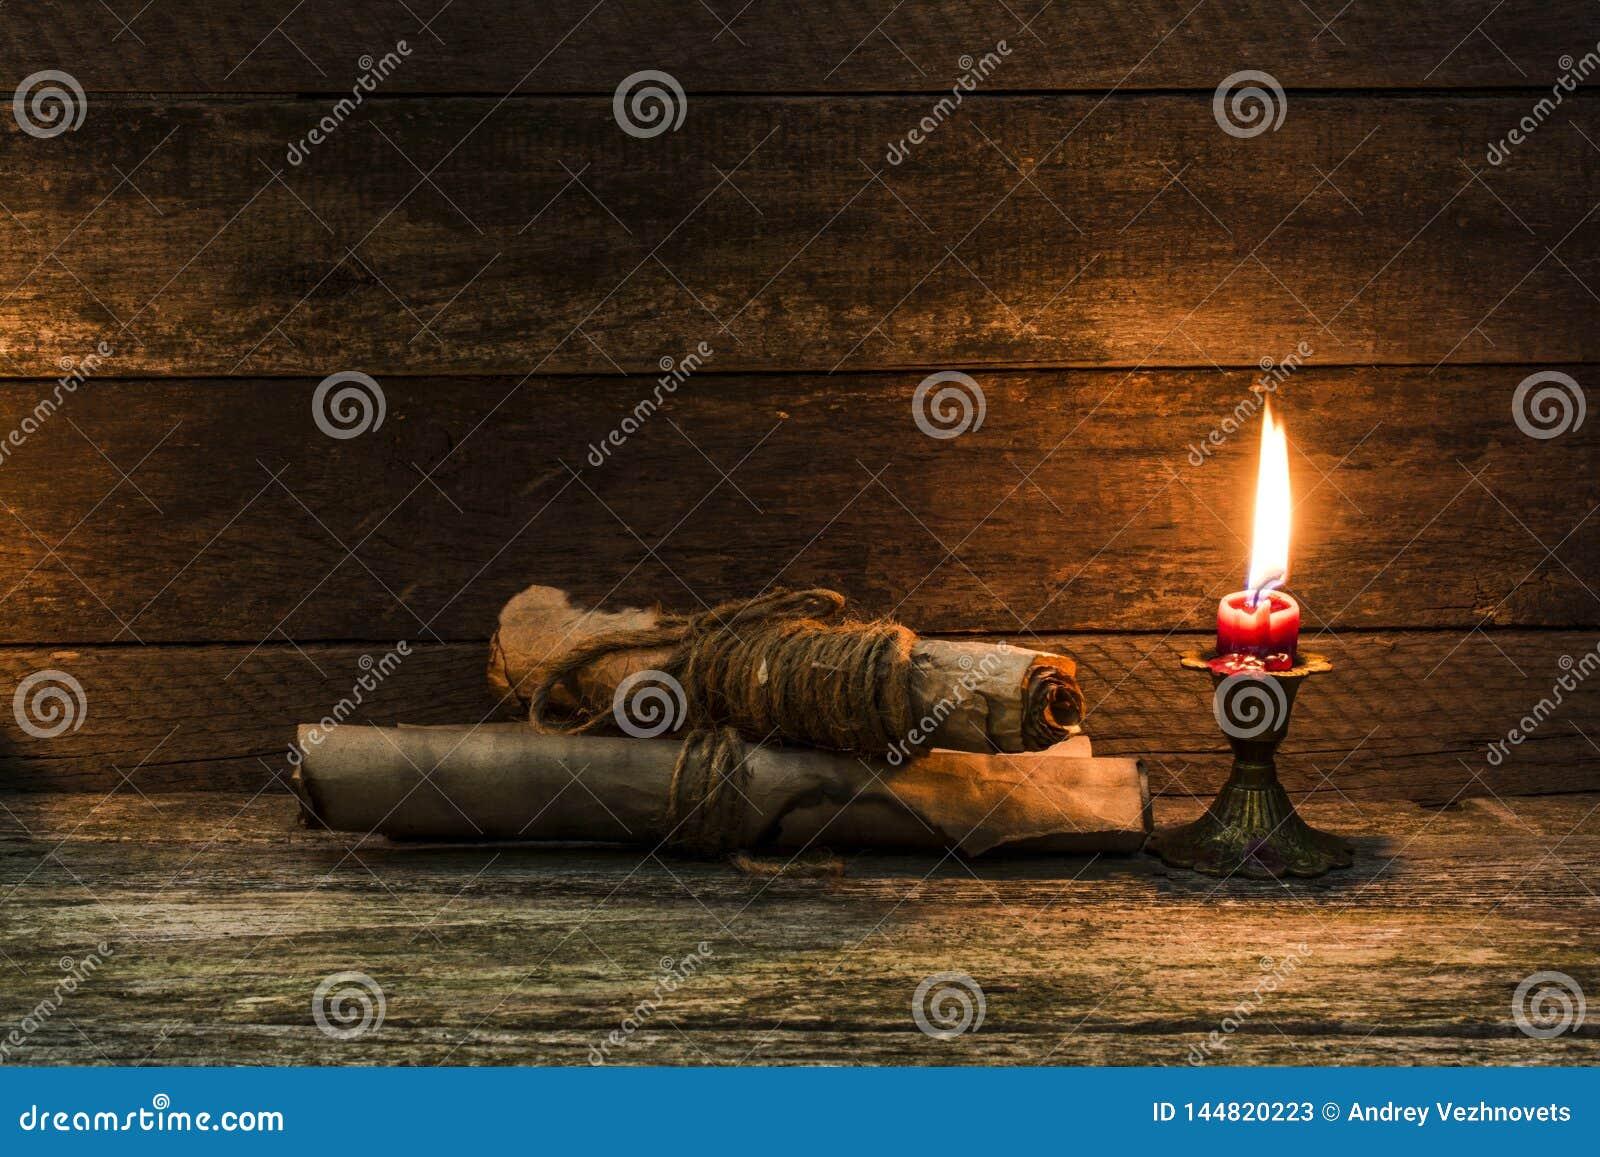 Palący dokumenty i płonąca świeczka na starym, będącym ubranym stole,